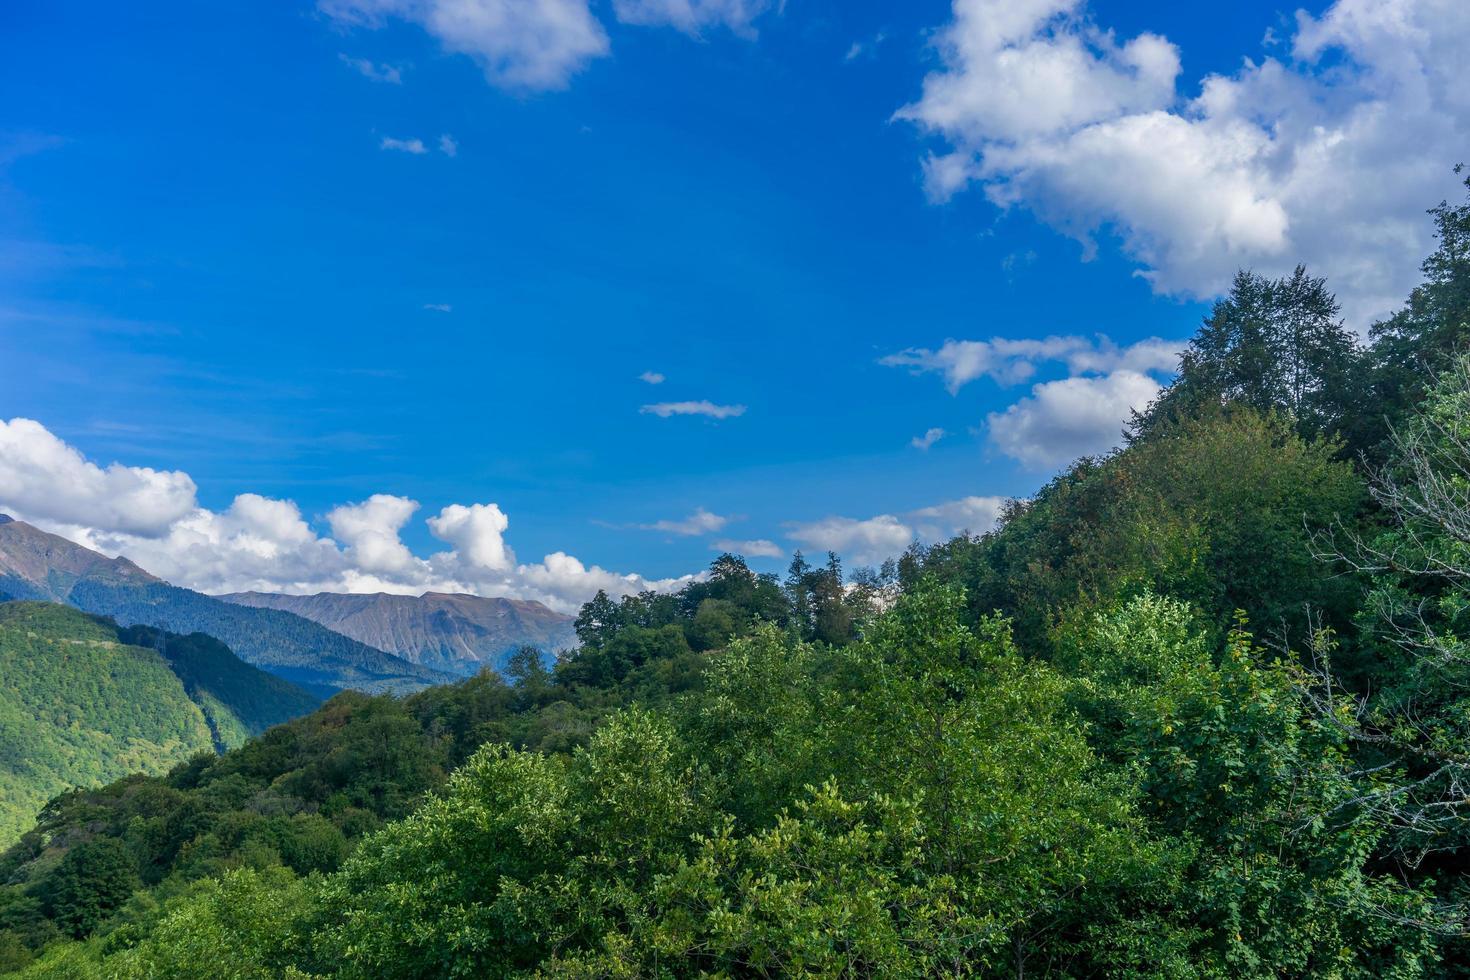 landskap av berg och träd mot en molnig blå himmel foto